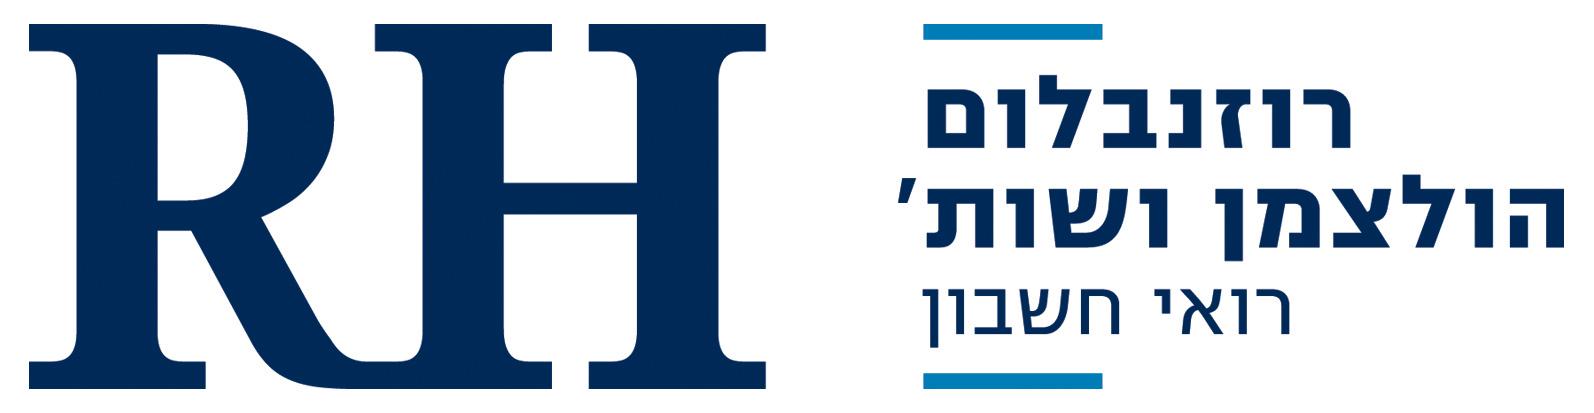 """רוזנבלום הולצמן ושות', רו""""ח"""